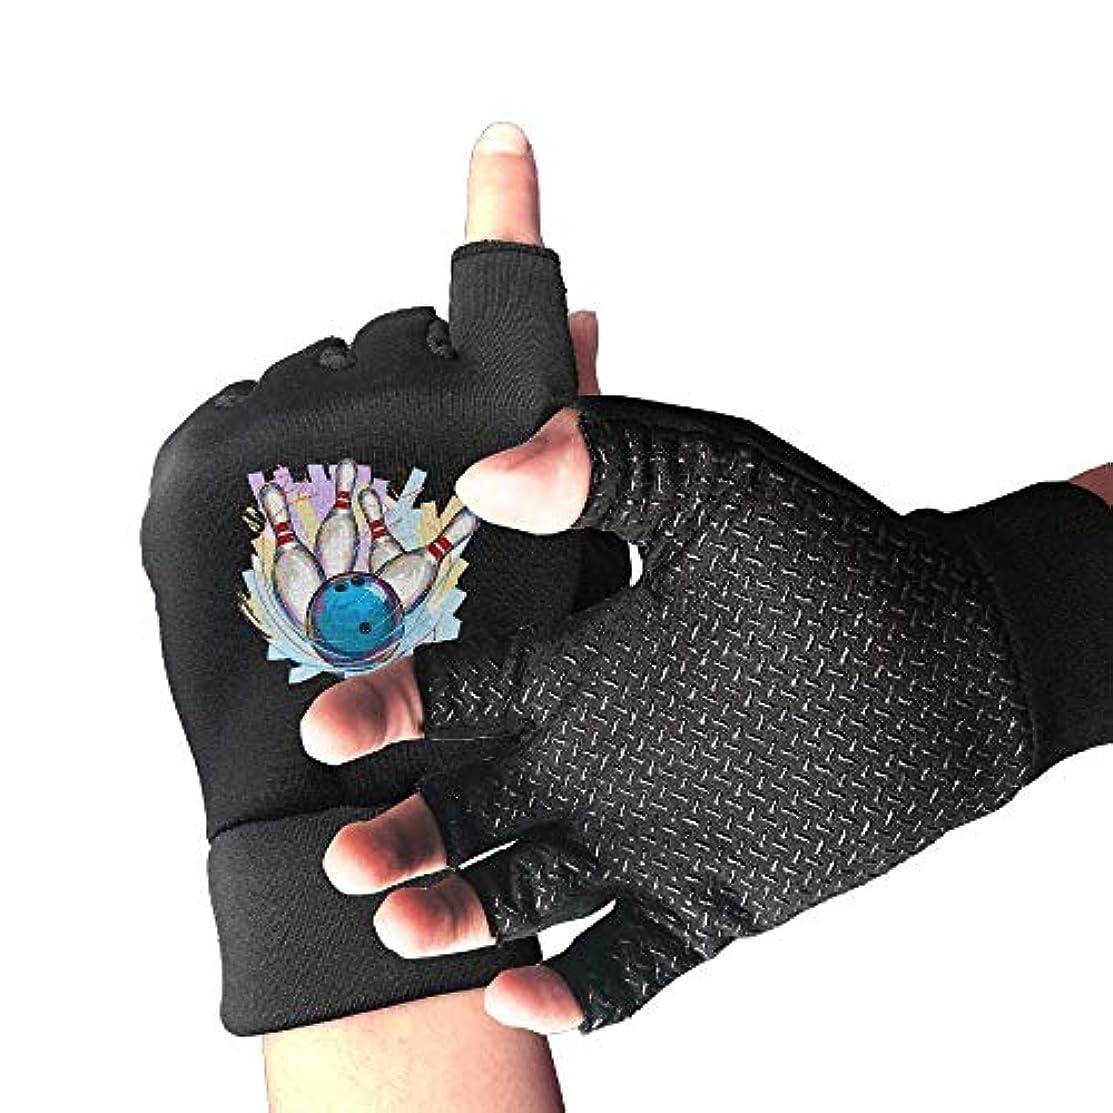 乞食チャペルルビーCycling Gloves Bowling Painting Men's/Women's Mountain Bike Gloves Half Finger Anti-Slip Motorcycle Gloves